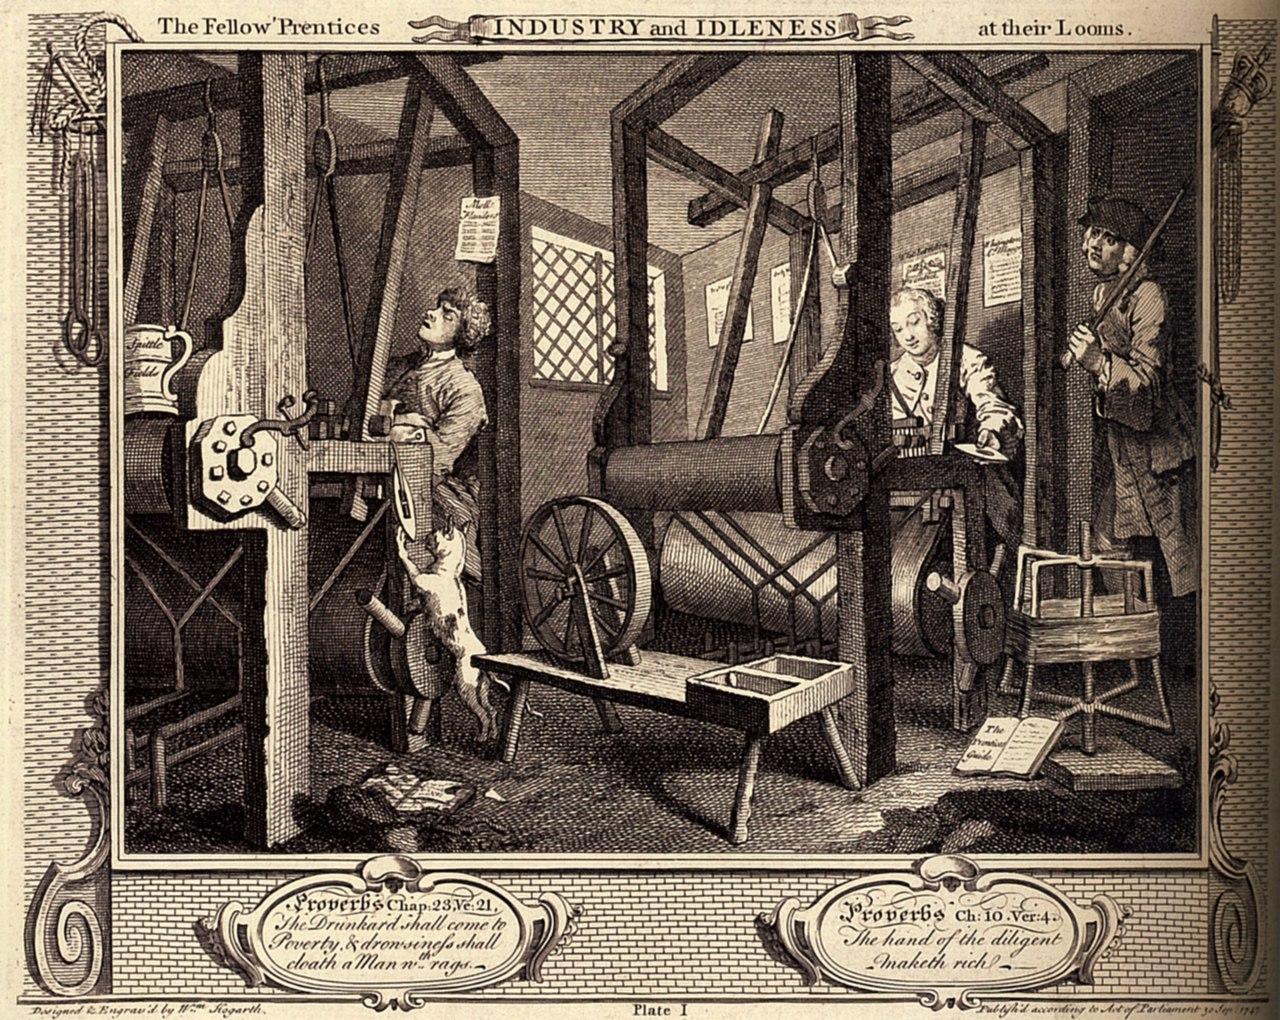 Проститутки 18 века фото 22 фотография